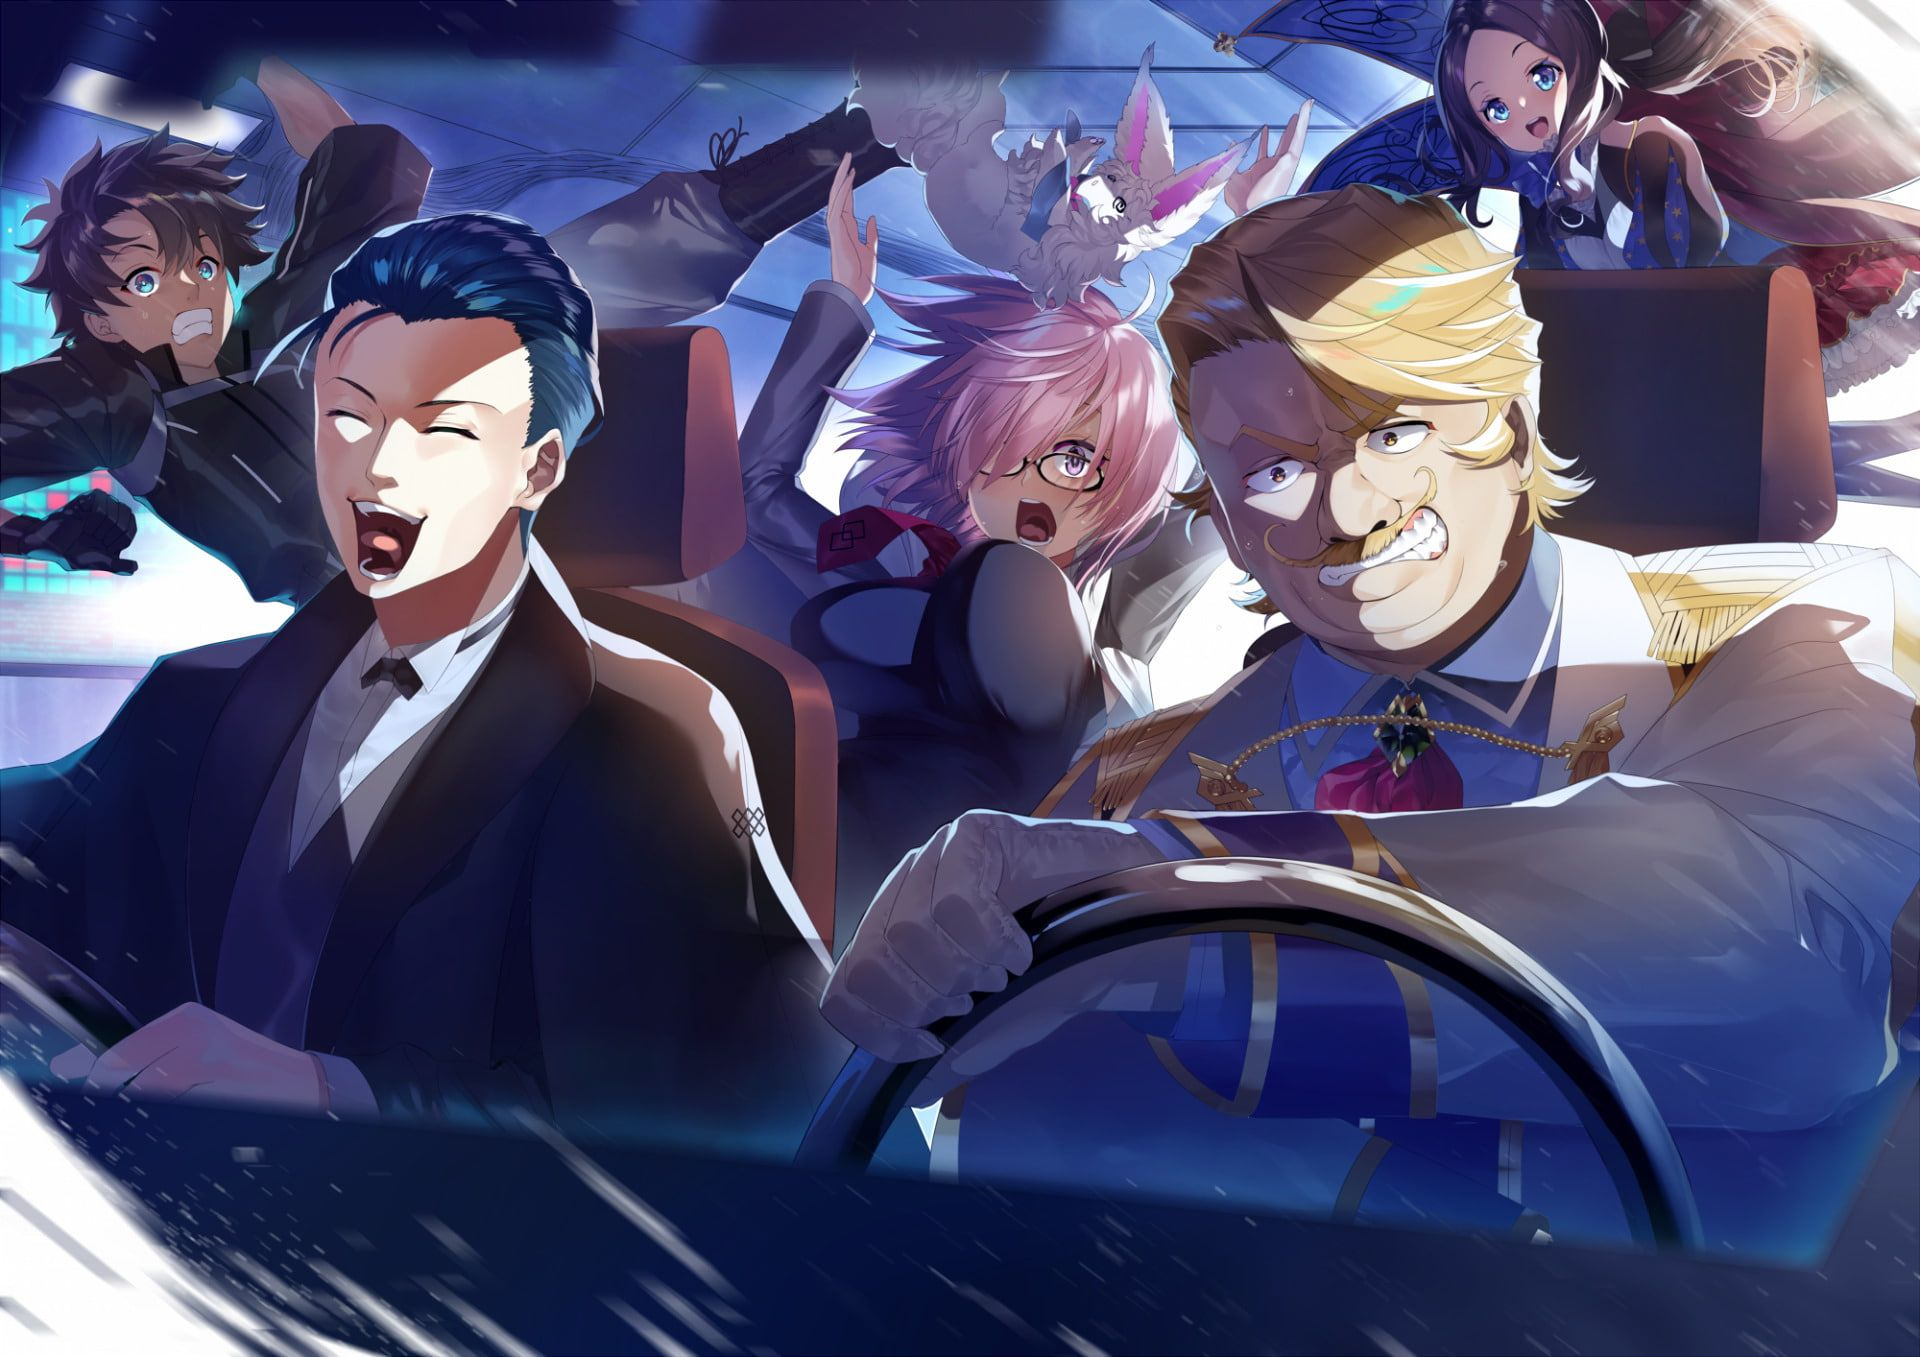 Hd Wallpaper Fate Series Fate Grand Order Fujimaru Ritsuka Male Goldolf Musik Anime Fate Anime Series Fate Fate grand order wallpaper